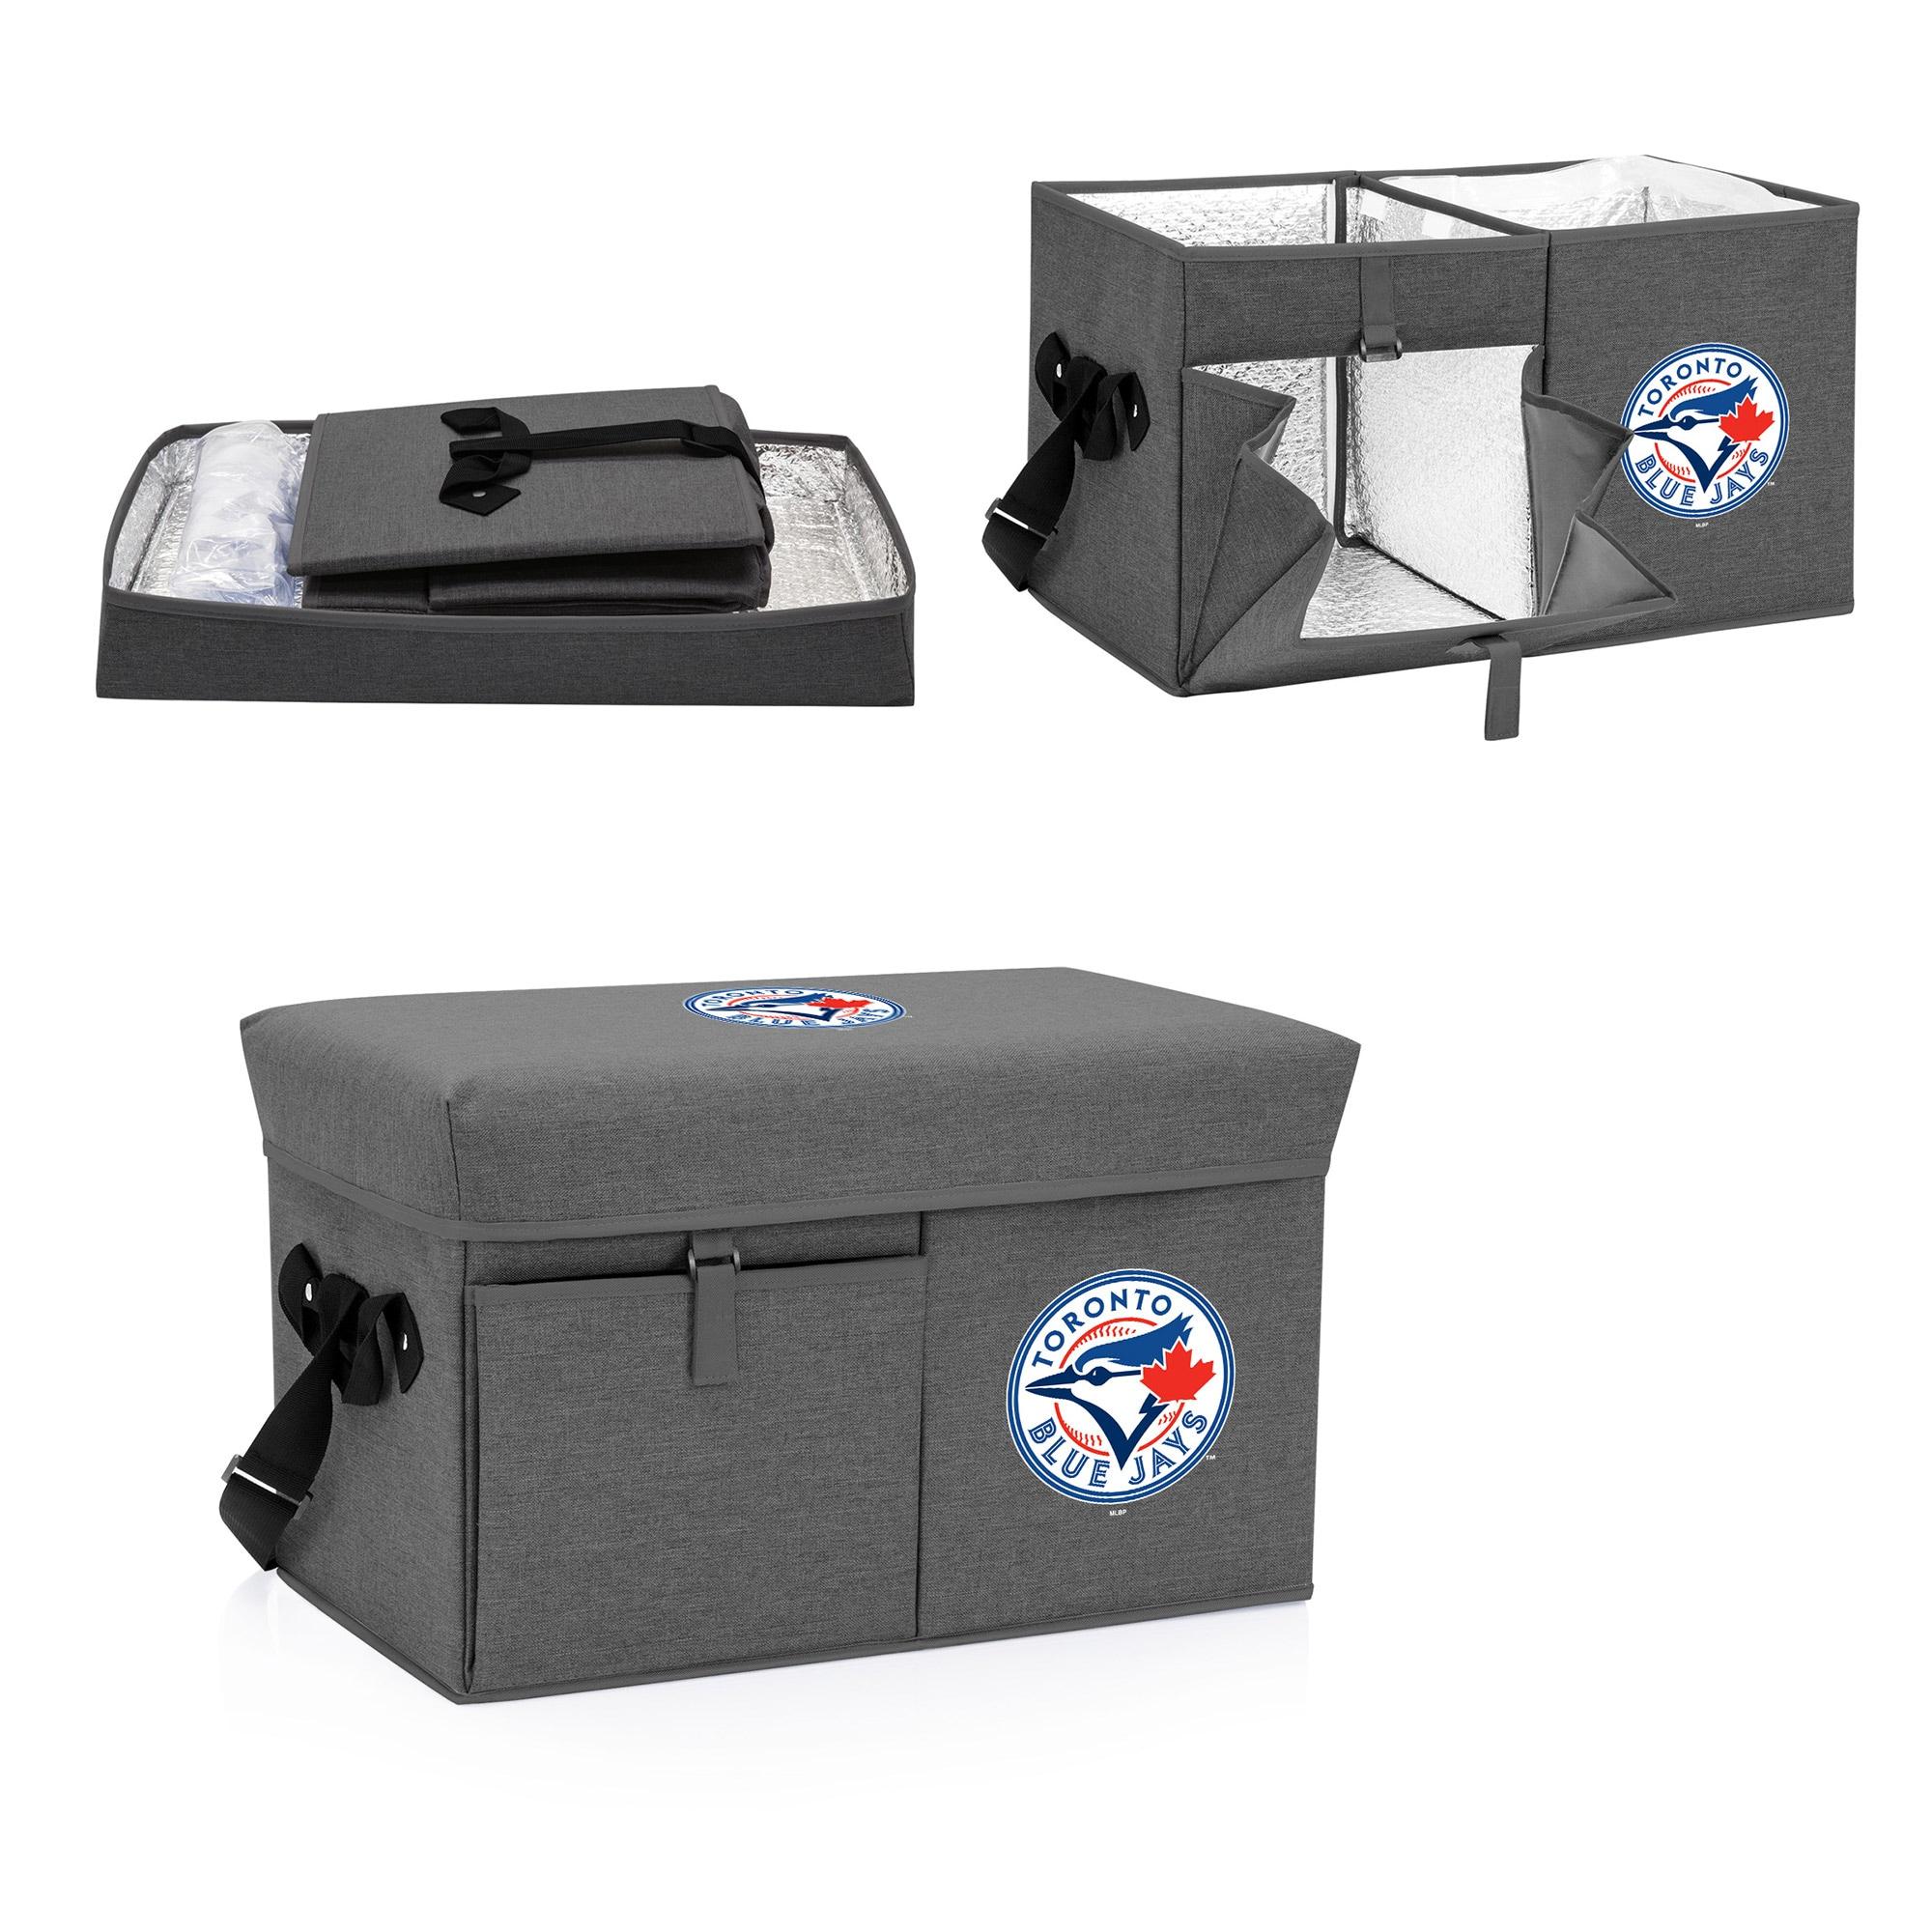 Toronto Blue Jays Ottoman Cooler & Seat - Gray